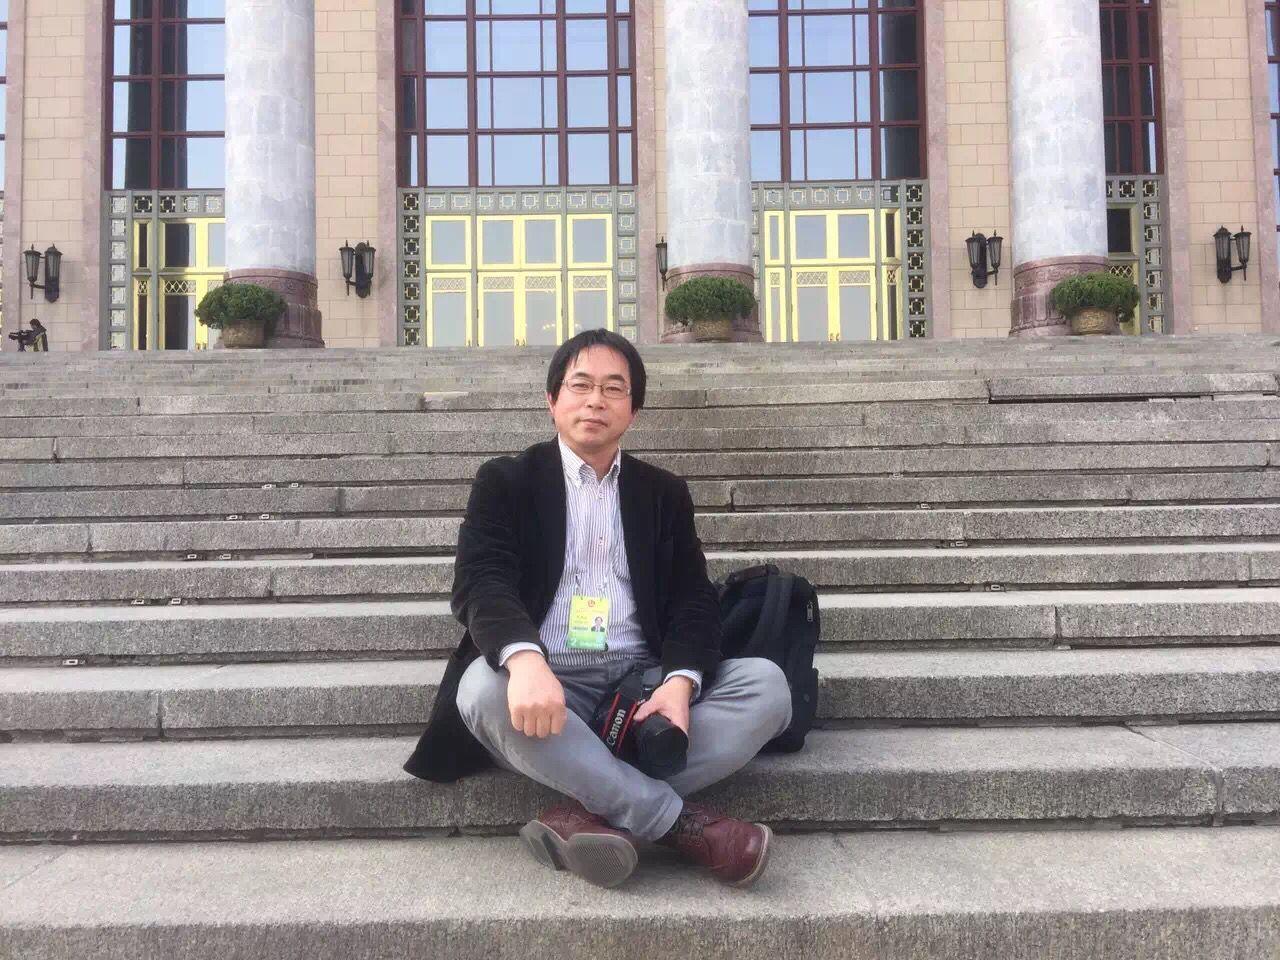 """Presidente de Agencia de Noticias de Japón en Asia: """"Los medios de comunicación internacionales observaron el progreso del nivel de la democratización, la reforma y apertura de China"""""""